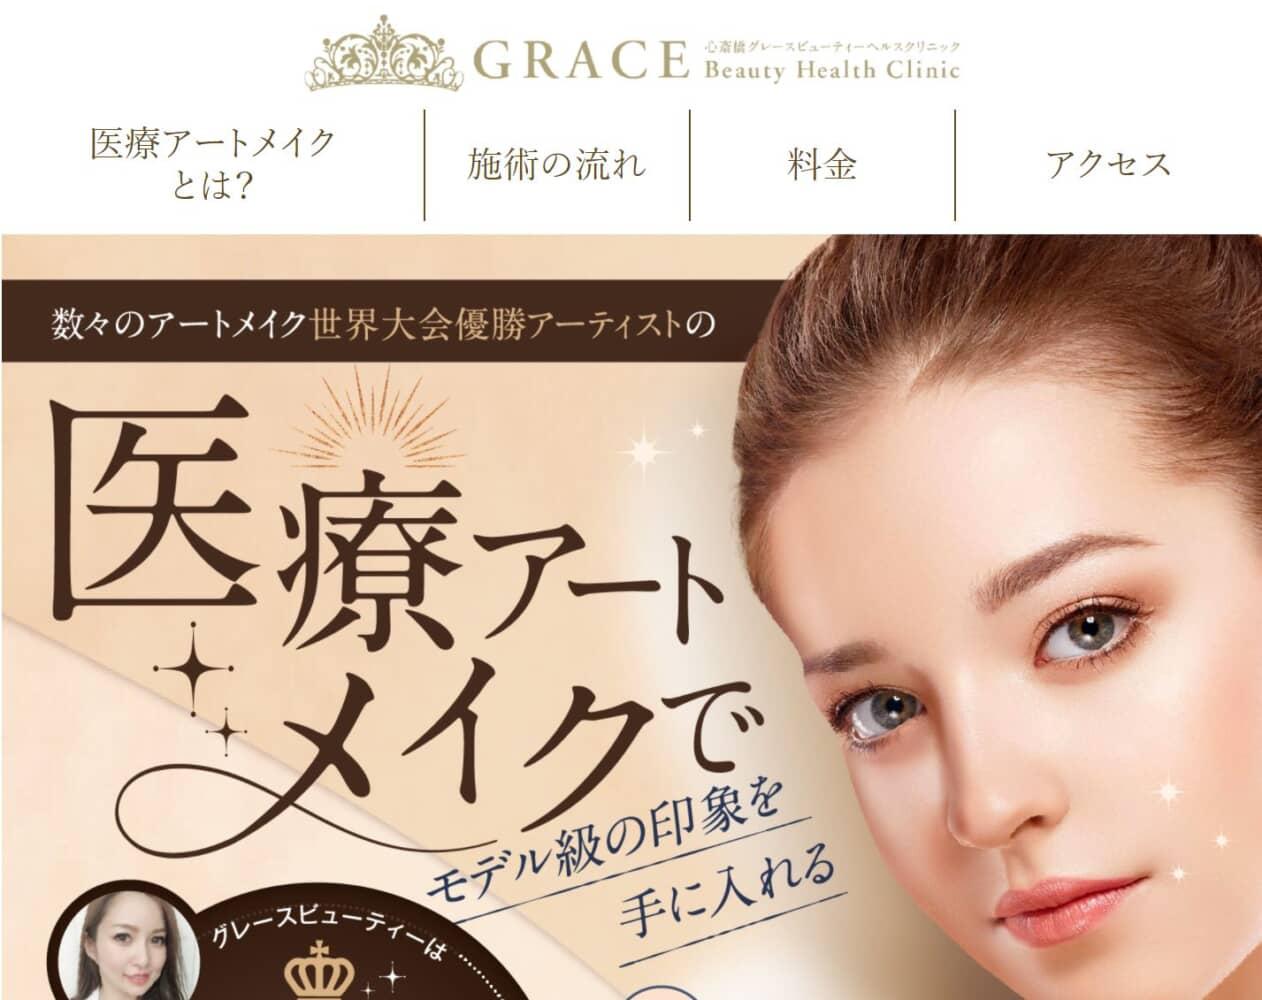 大阪の眉毛アートメイクおすすめクリニックランキング8選:心斎橋グレースビューティーヘルスクリニック